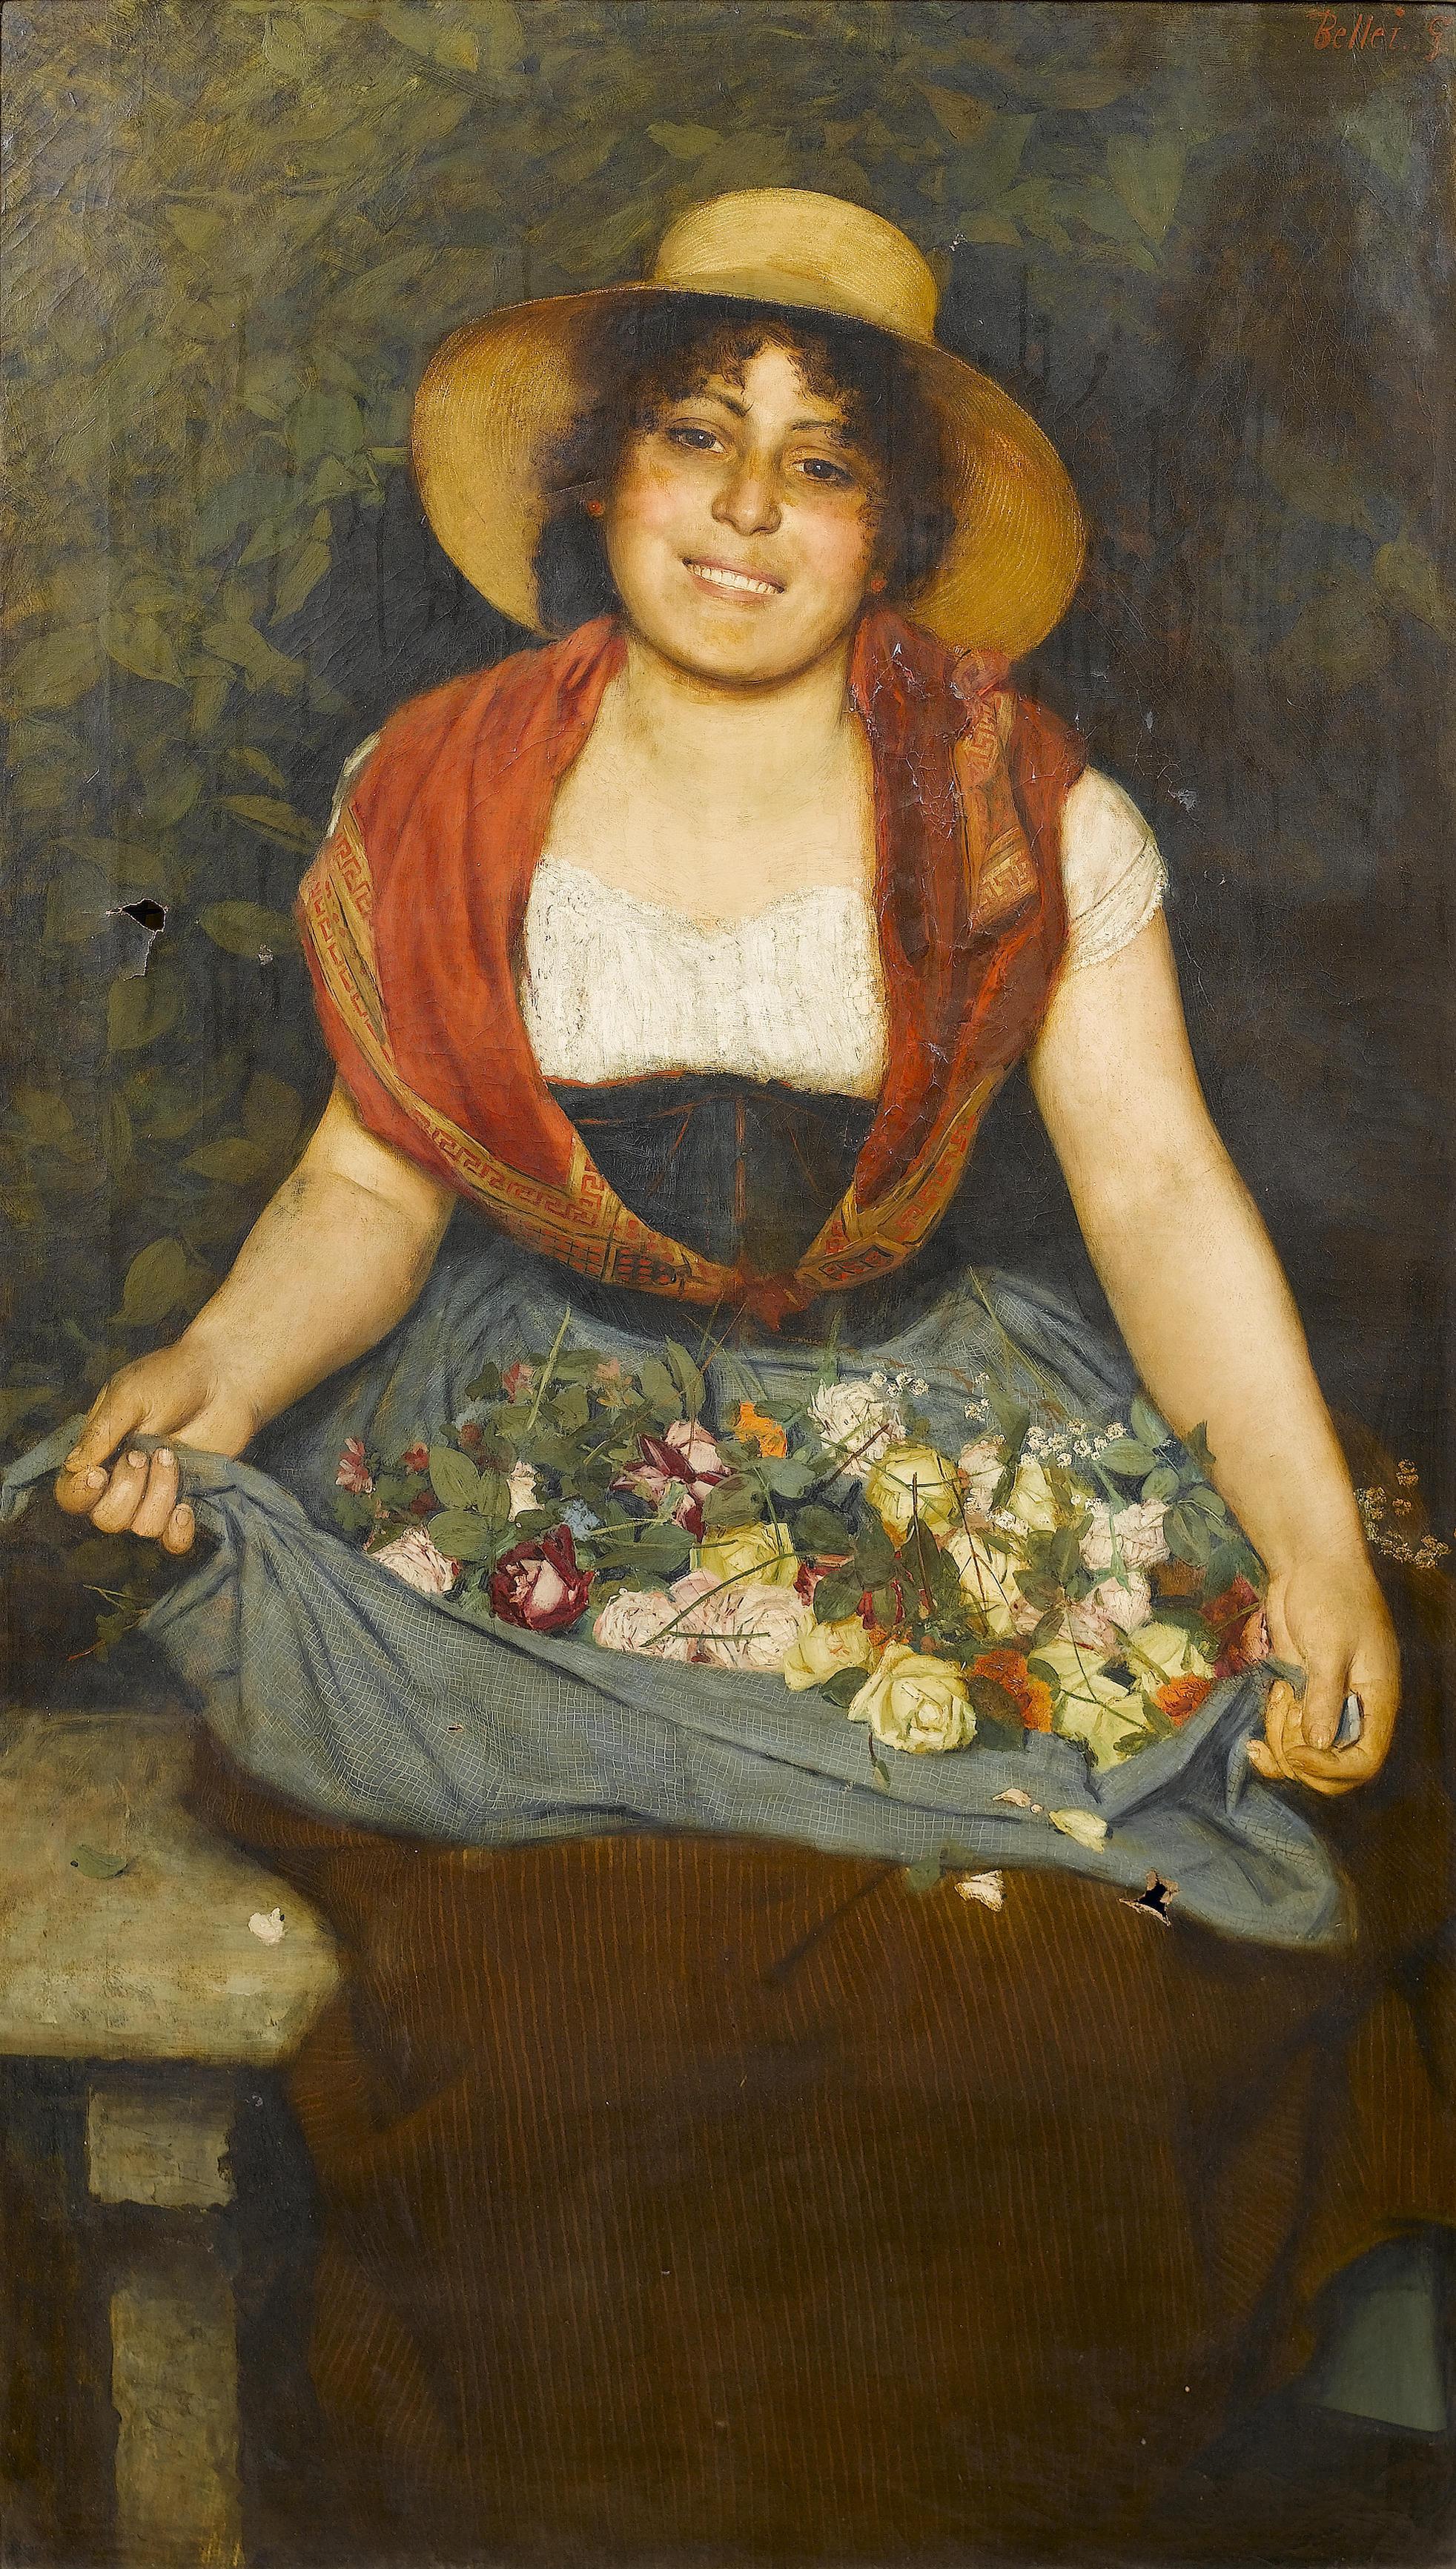 Tuscan flower girl